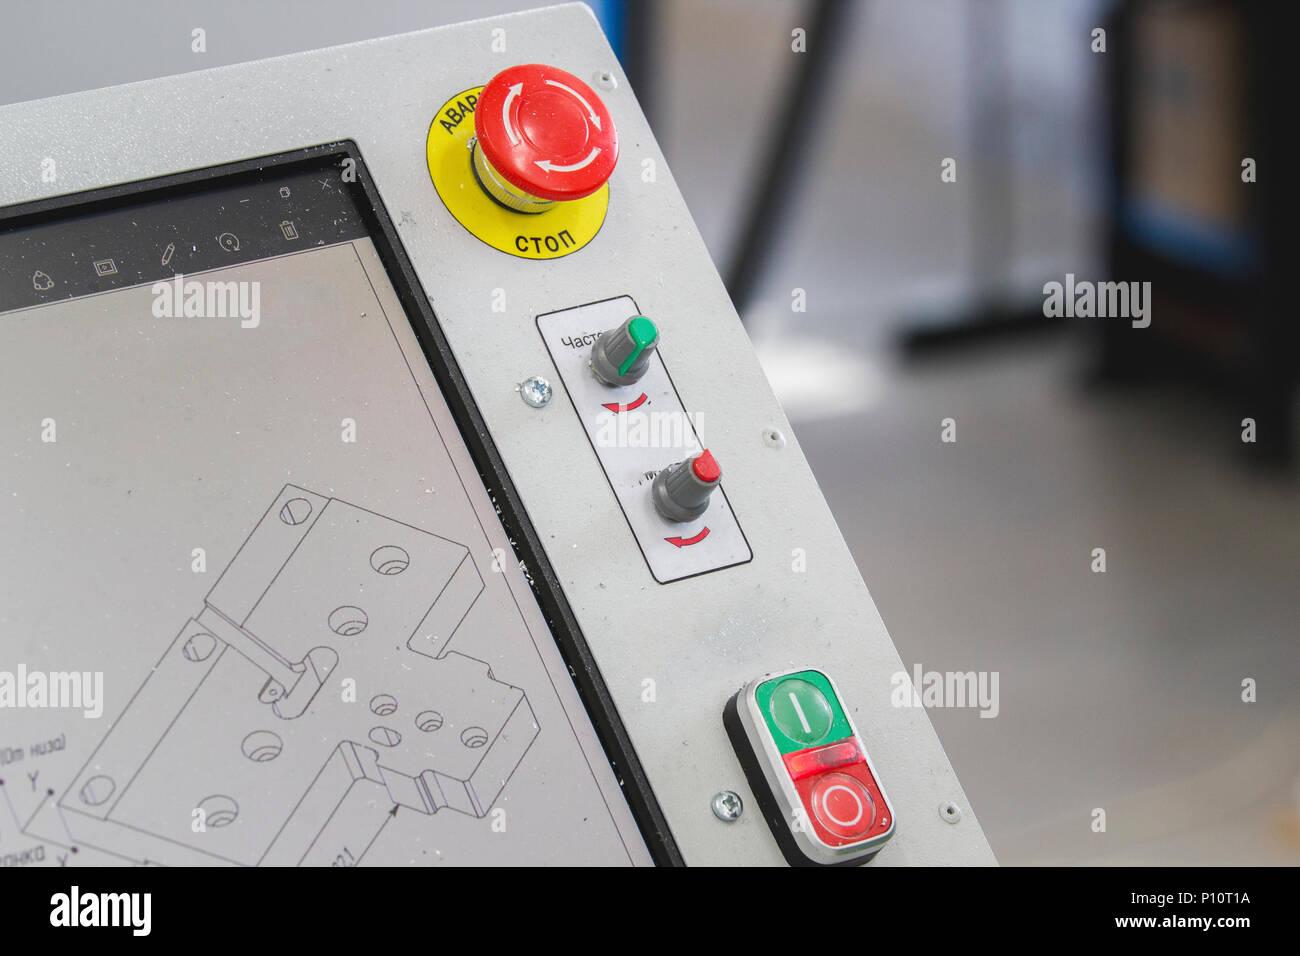 Botón rojo de parada de emergencia en la planta industrial Imagen De Stock